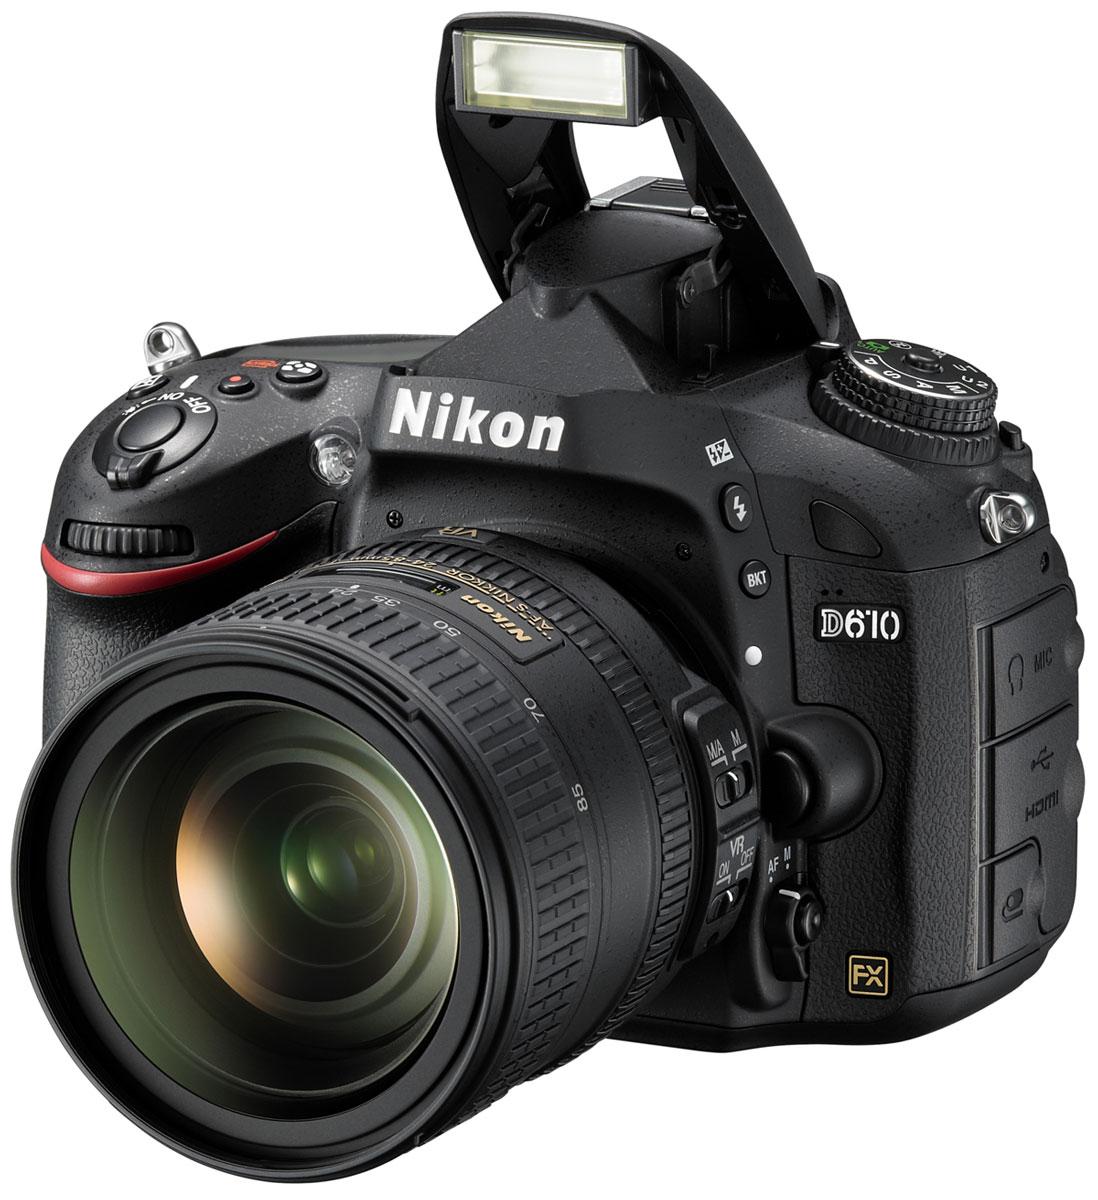 Nikon D610 Kit 24-85 цифровая зеркальная фотокамераVBA430K001Оцените все преимущества фотосъемки в полнокадровом режиме с фотокамерой Nikon D610. Благодаря поддержке профессиональных технологий Nikon эта мощная цифровая зеркальная фотокамера обеспечивает качество изображения, возможное только при использовании формата FX. 24,3-мегапиксельная матрица формата FX запечатлевает все детали с реалистичной резкостью, что позволяет снимать изумительные фотографии с насыщенными цветами и создавать плавные видеоролики в формате Full HD. Вы можете запечатлеть движение со скоростью до шести кадров в секунду, а новый режим серийной съемки Режим серийной съемки «Тихий затвор» идеально подходит для съемки диких животных благодаря существенному снижению шума от работы механизма возврата зеркала фотокамеры во время серийной съемки, что позволяет незаметно приблизиться к объекту съемки. Снимайте изображения с низким уровнем шума и широким диапазоном тонов в условиях большого контраста между яркими и темными участками....